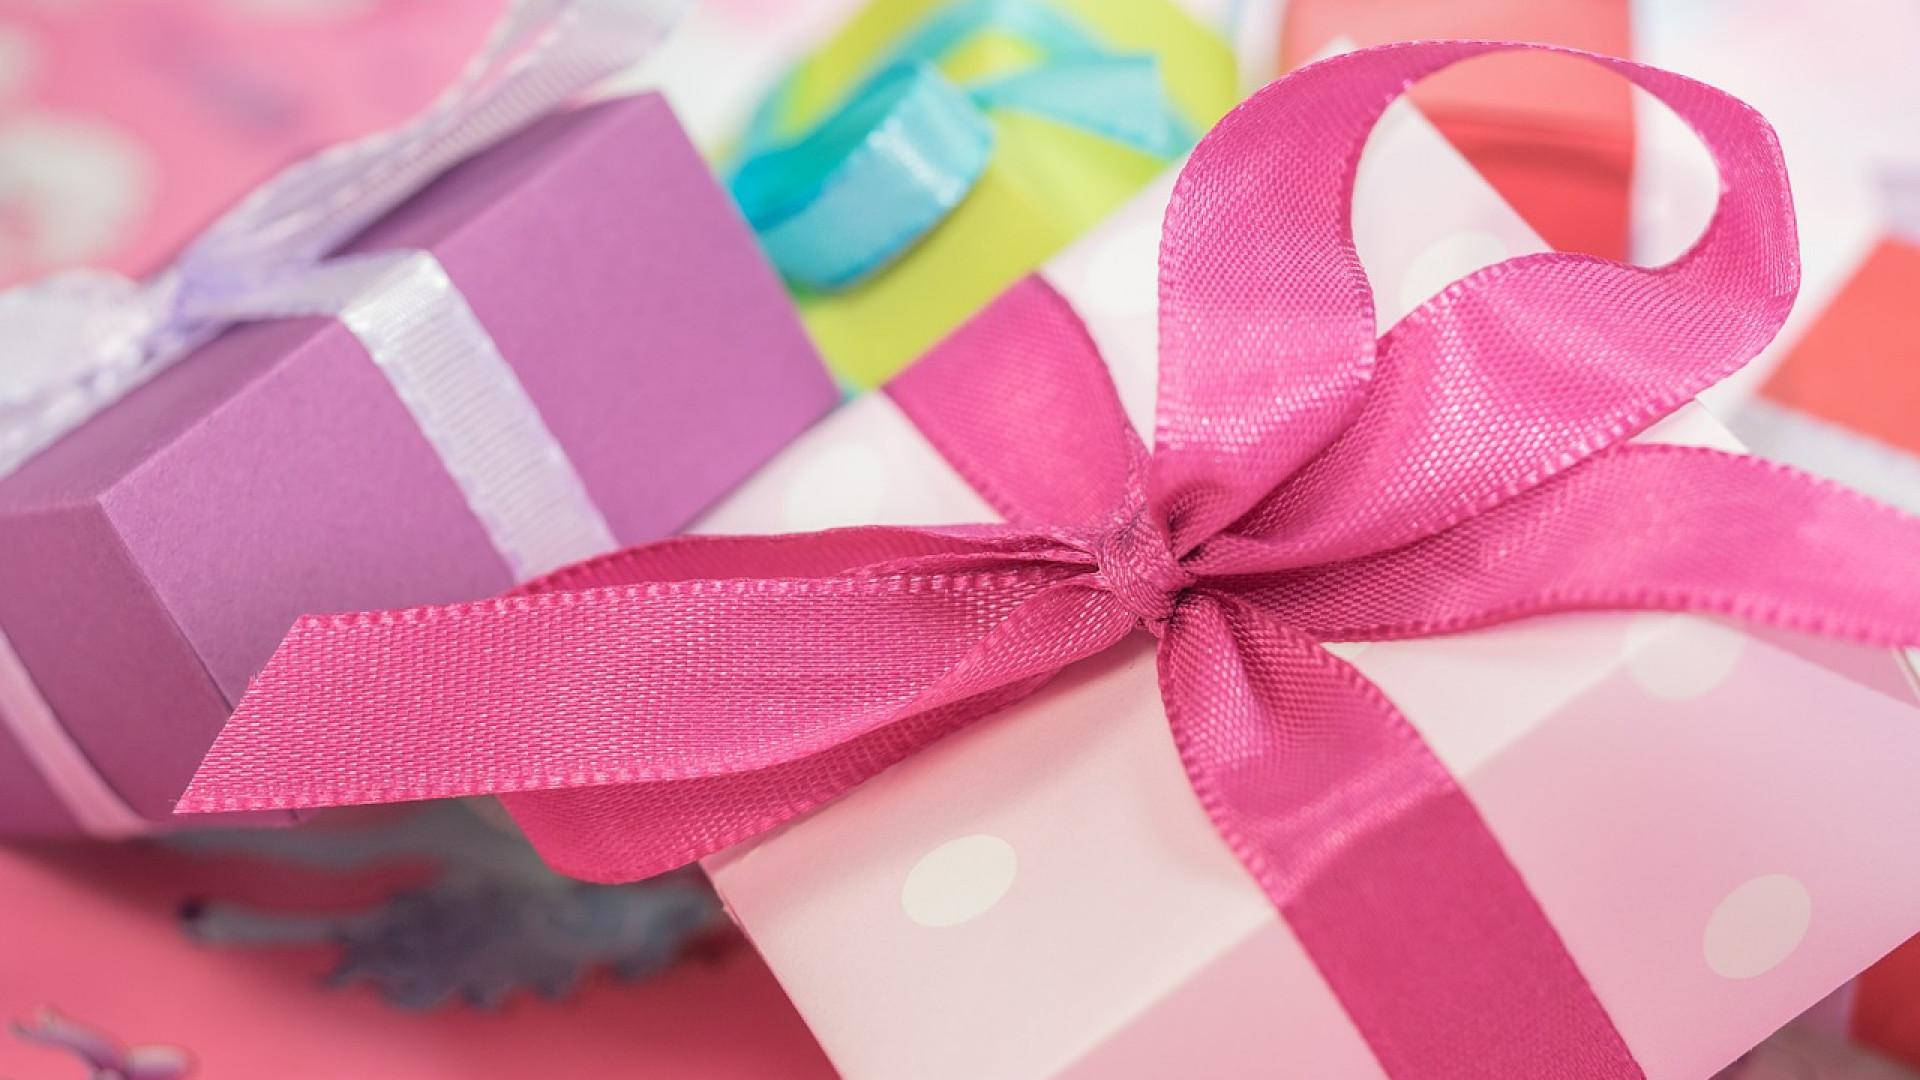 bdc7d44dab3520bc74e180866aa39d4a - Des cadeaux parfaits pour les passionnés